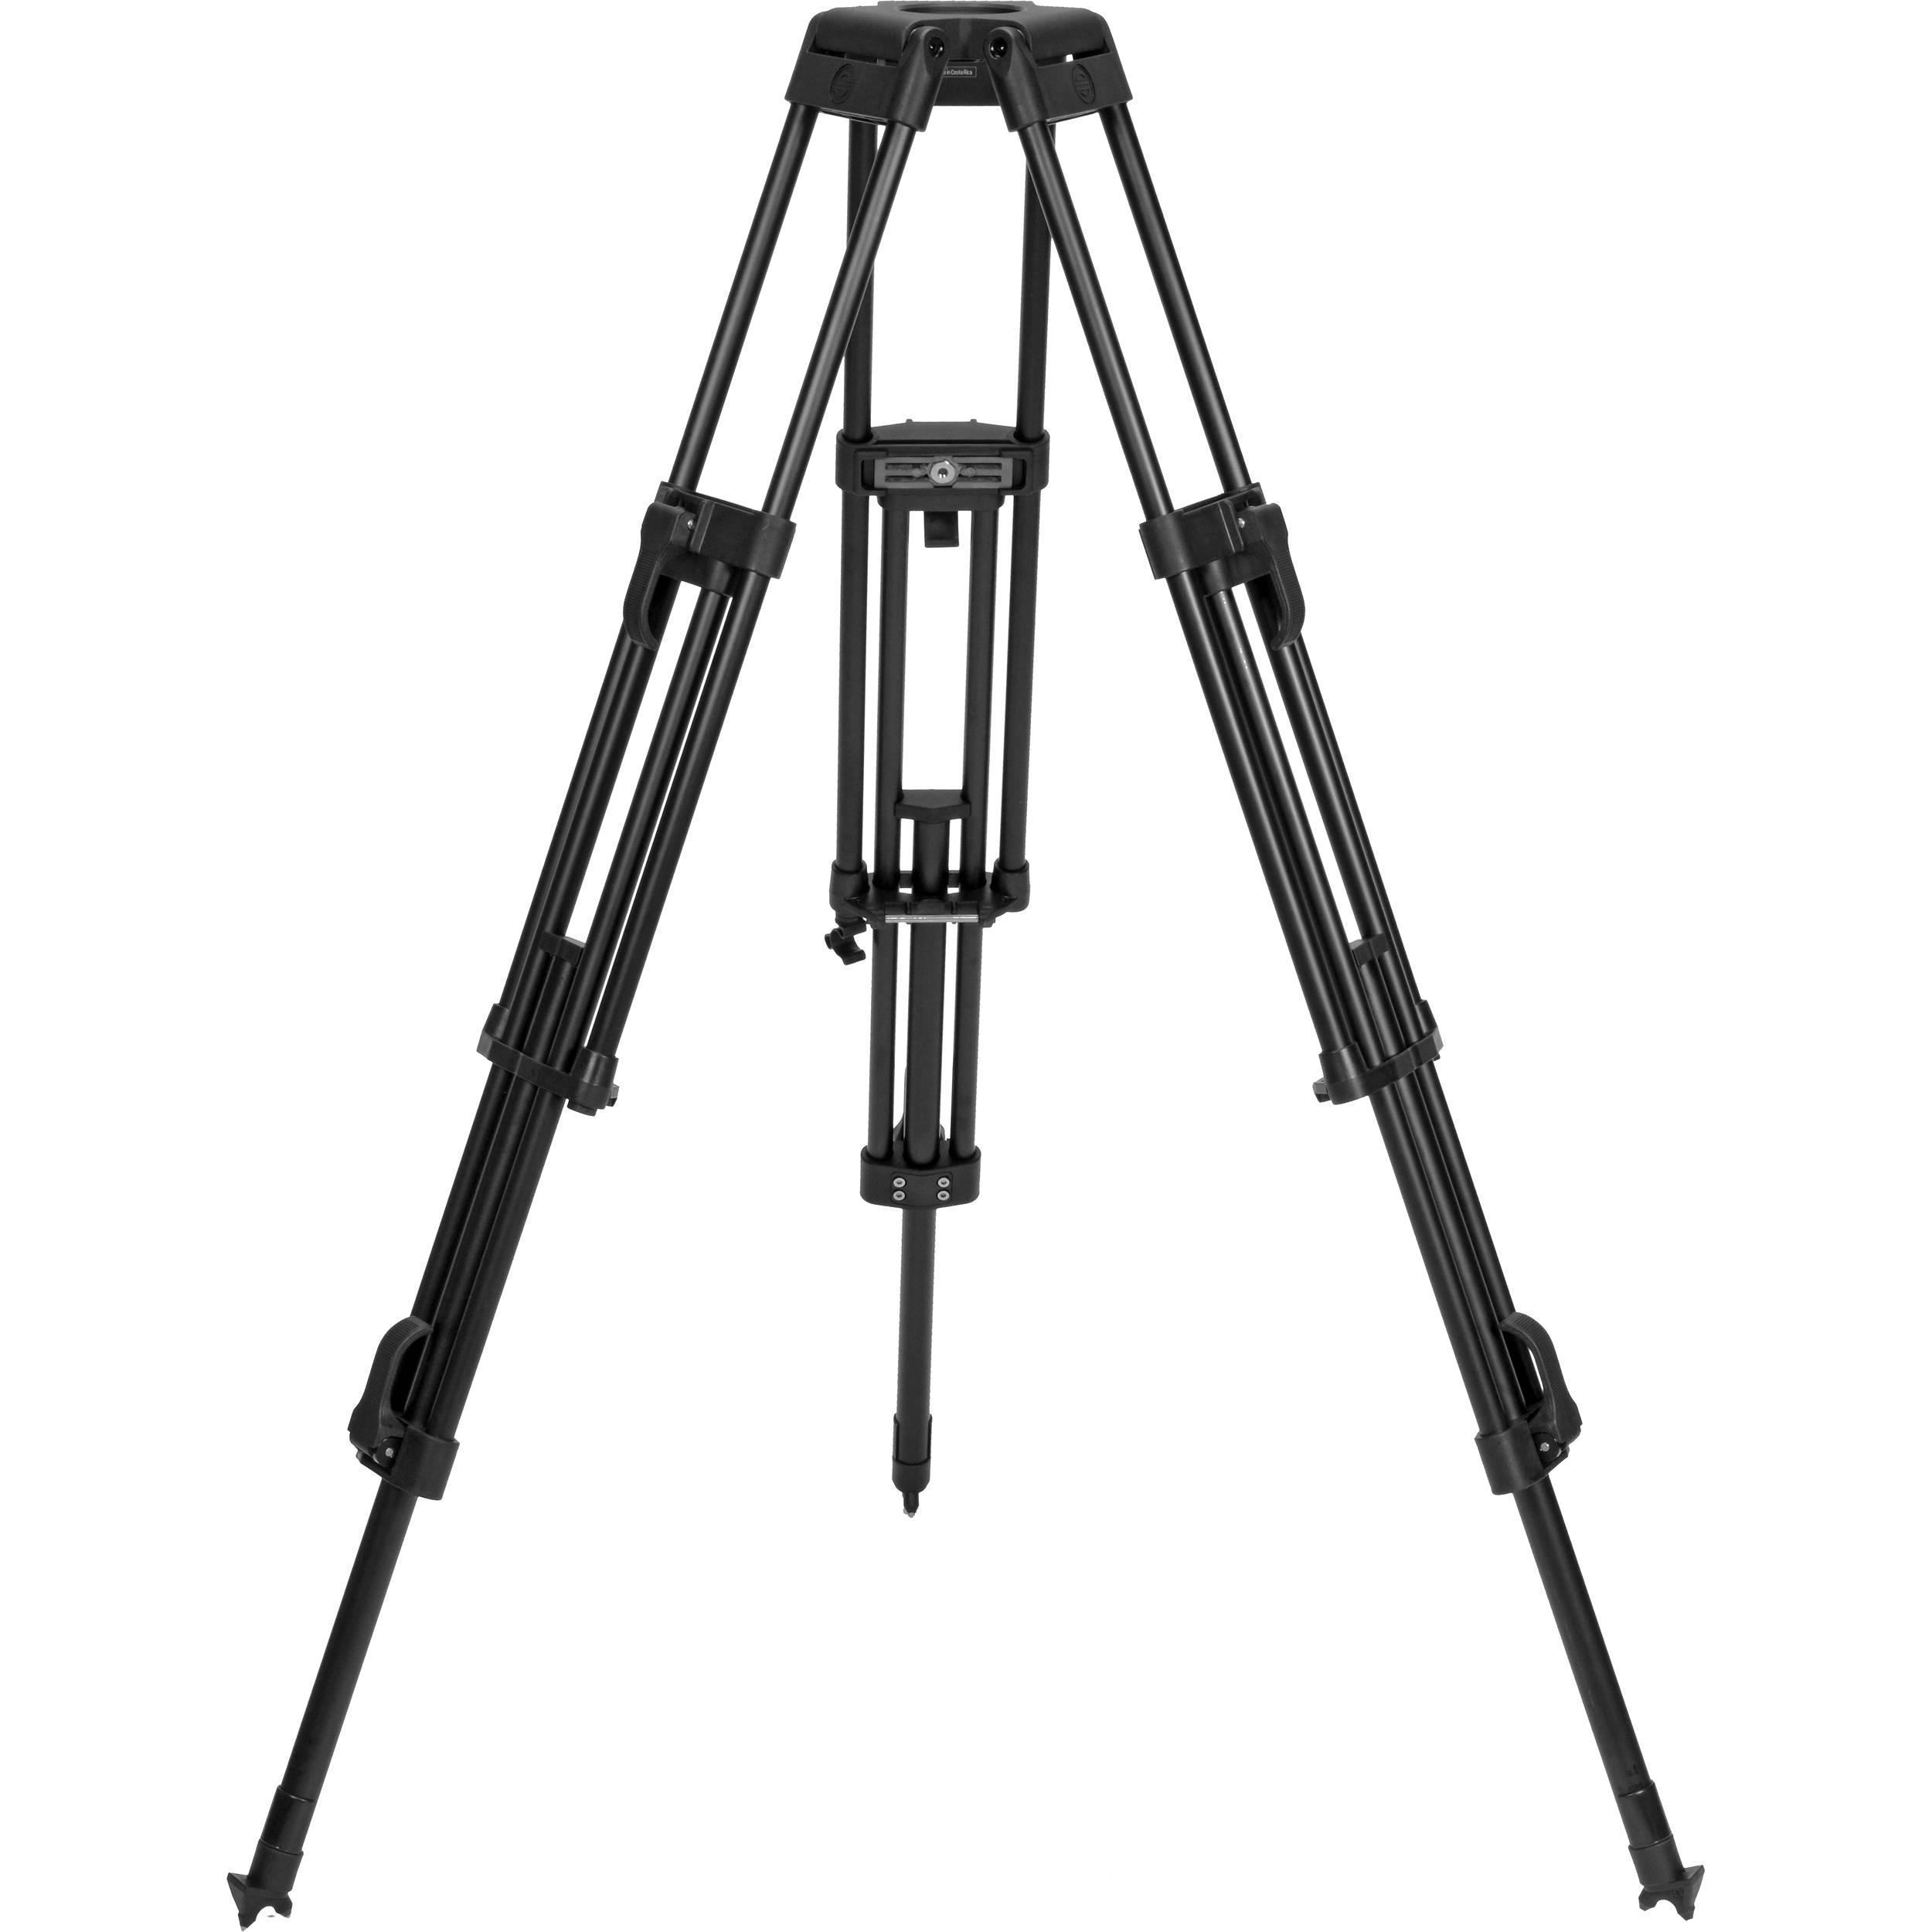 Sachtler ENG 75/2 D HD Aluminum Tripod Legs with 75mm